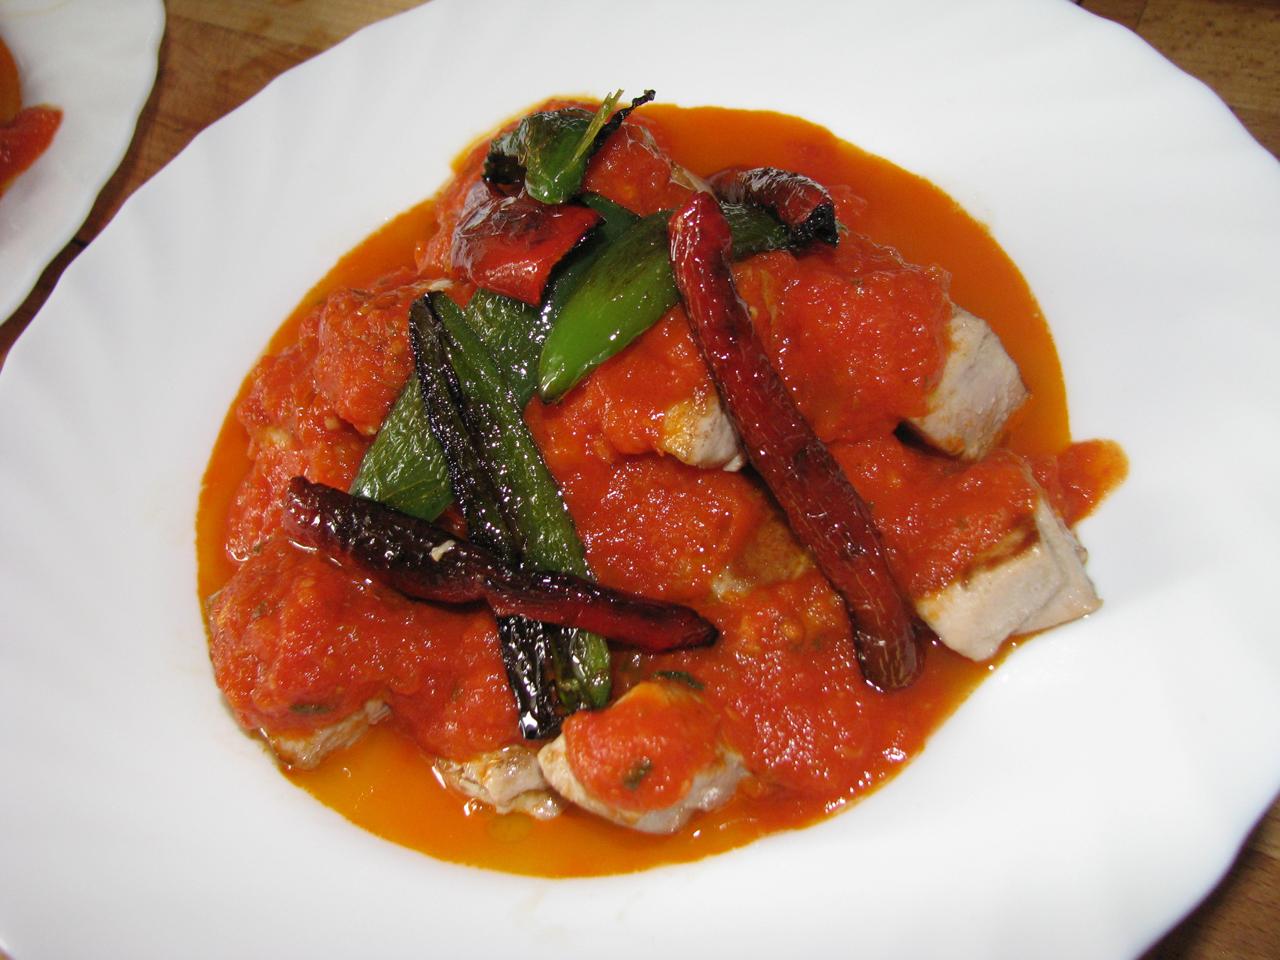 tonhal sült paprikával, paradicsomszósszal